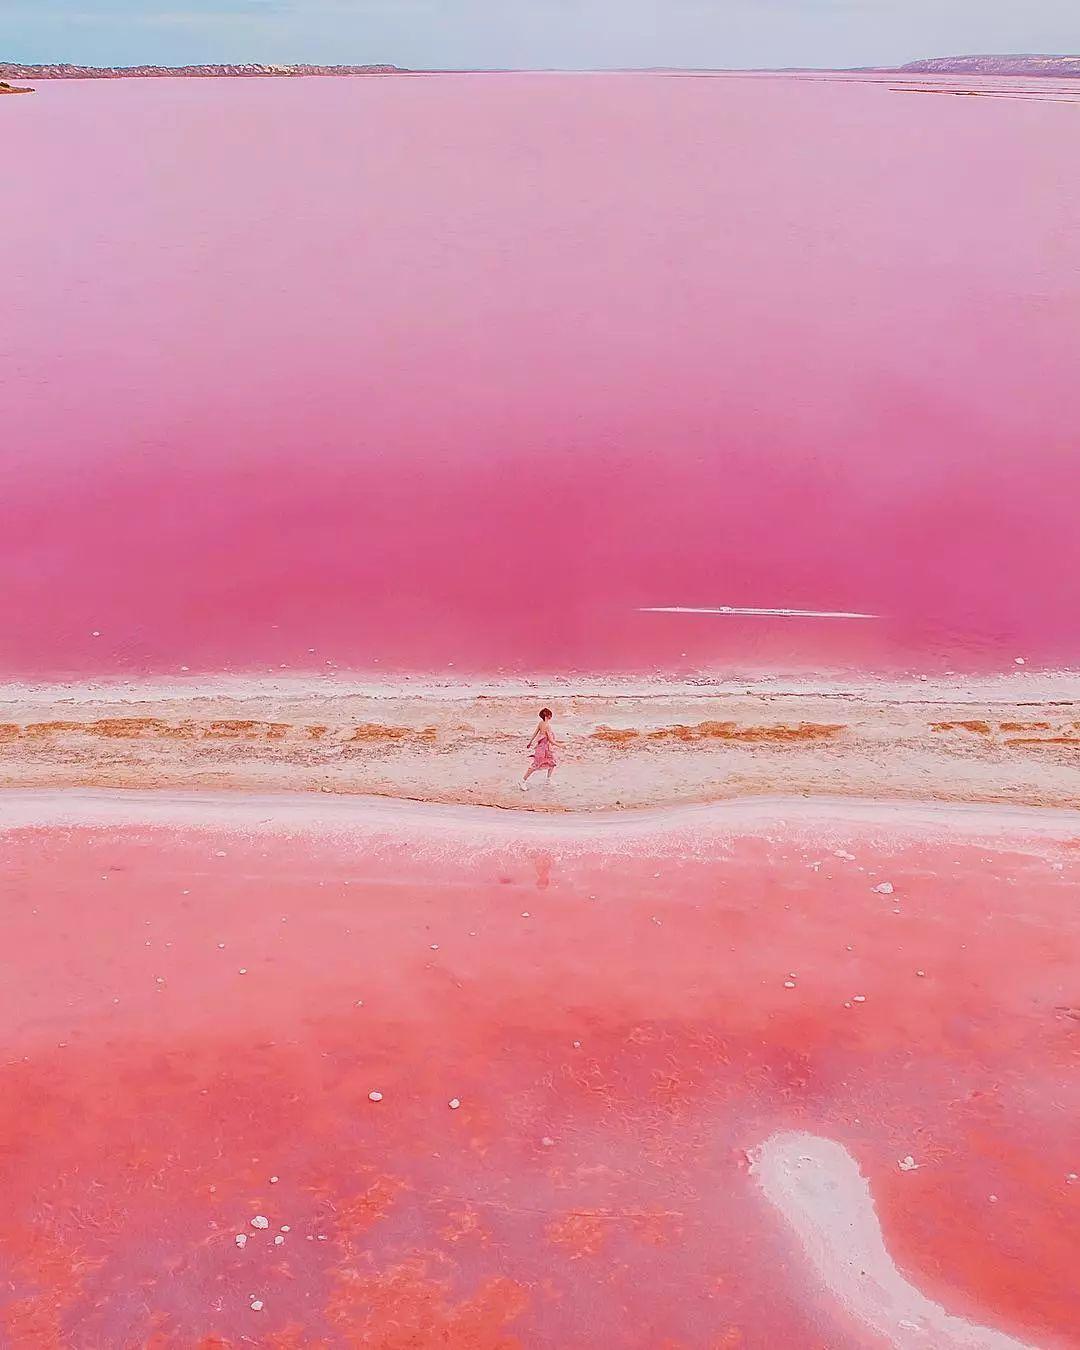 让模特在澳大利亚杳无人烟的粉色海滩漫步,柔和的画面像一幅粉彩画.